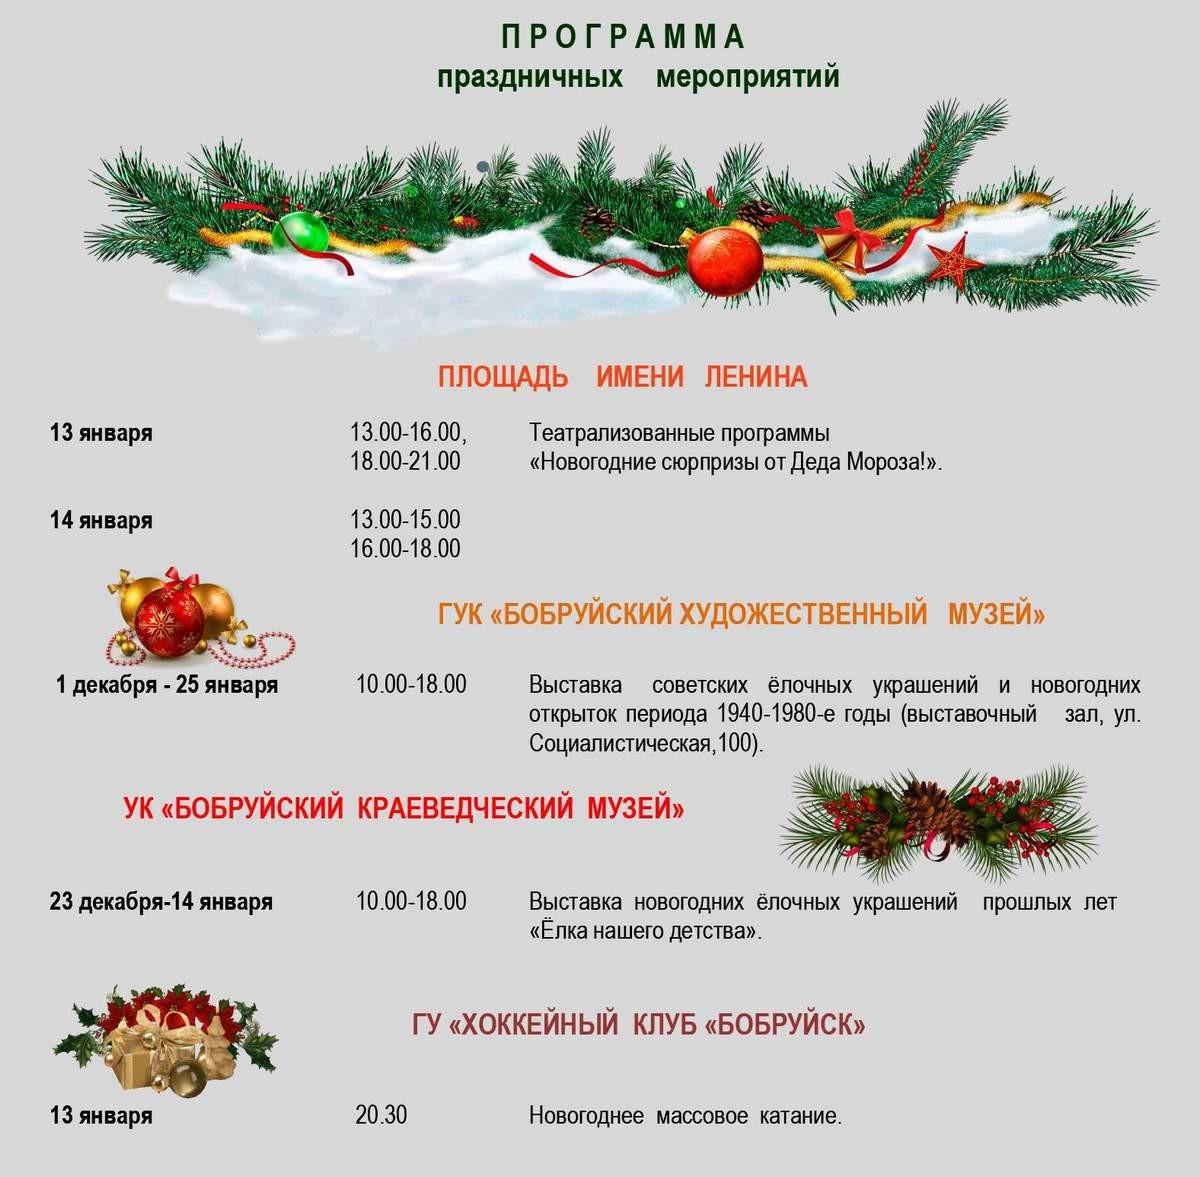 На Старый Новый год бобруйчан ожидает праздничная программа